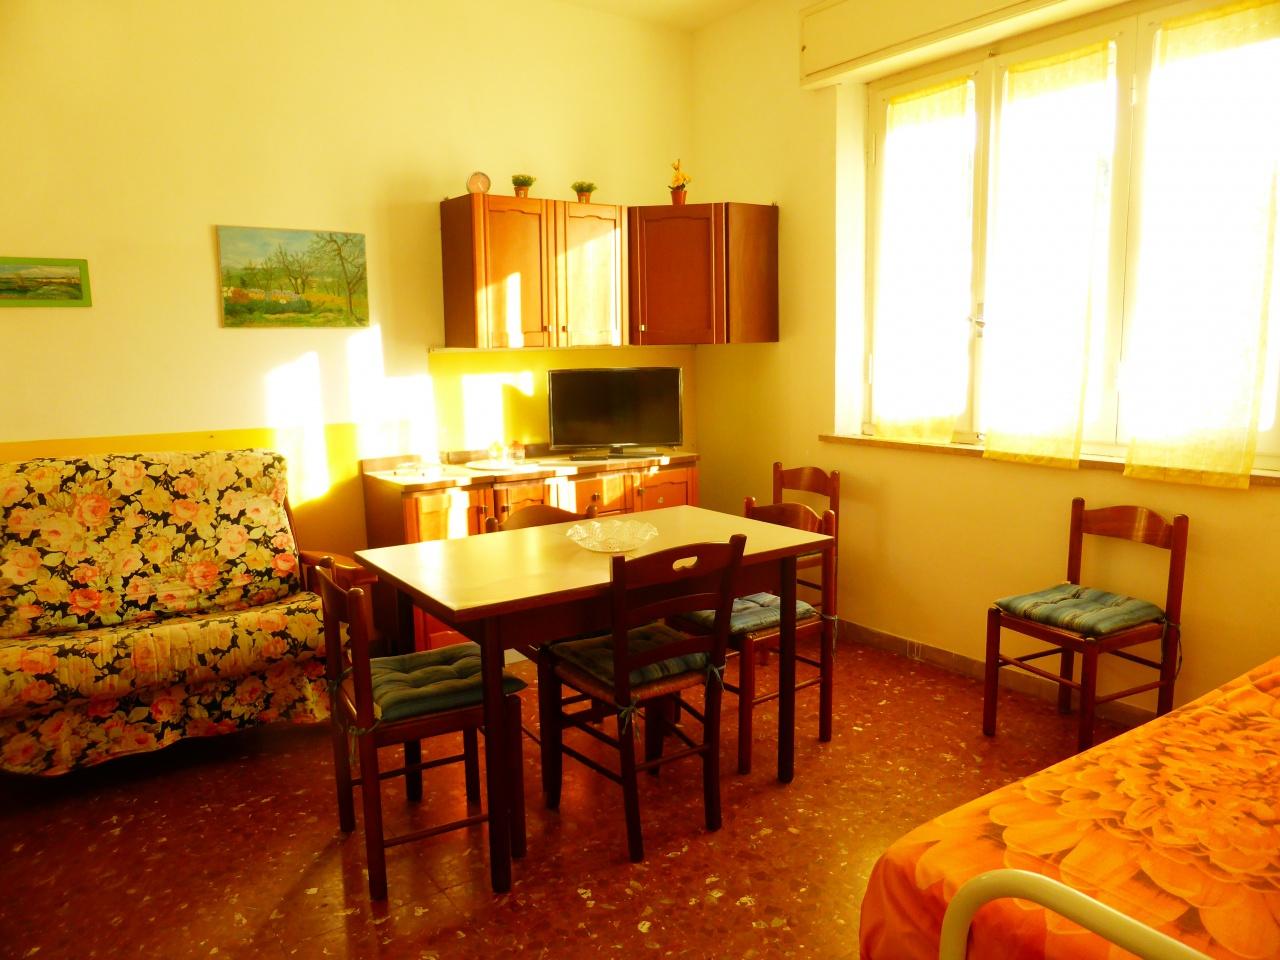 appartamento vacanze follonica prato ranieri